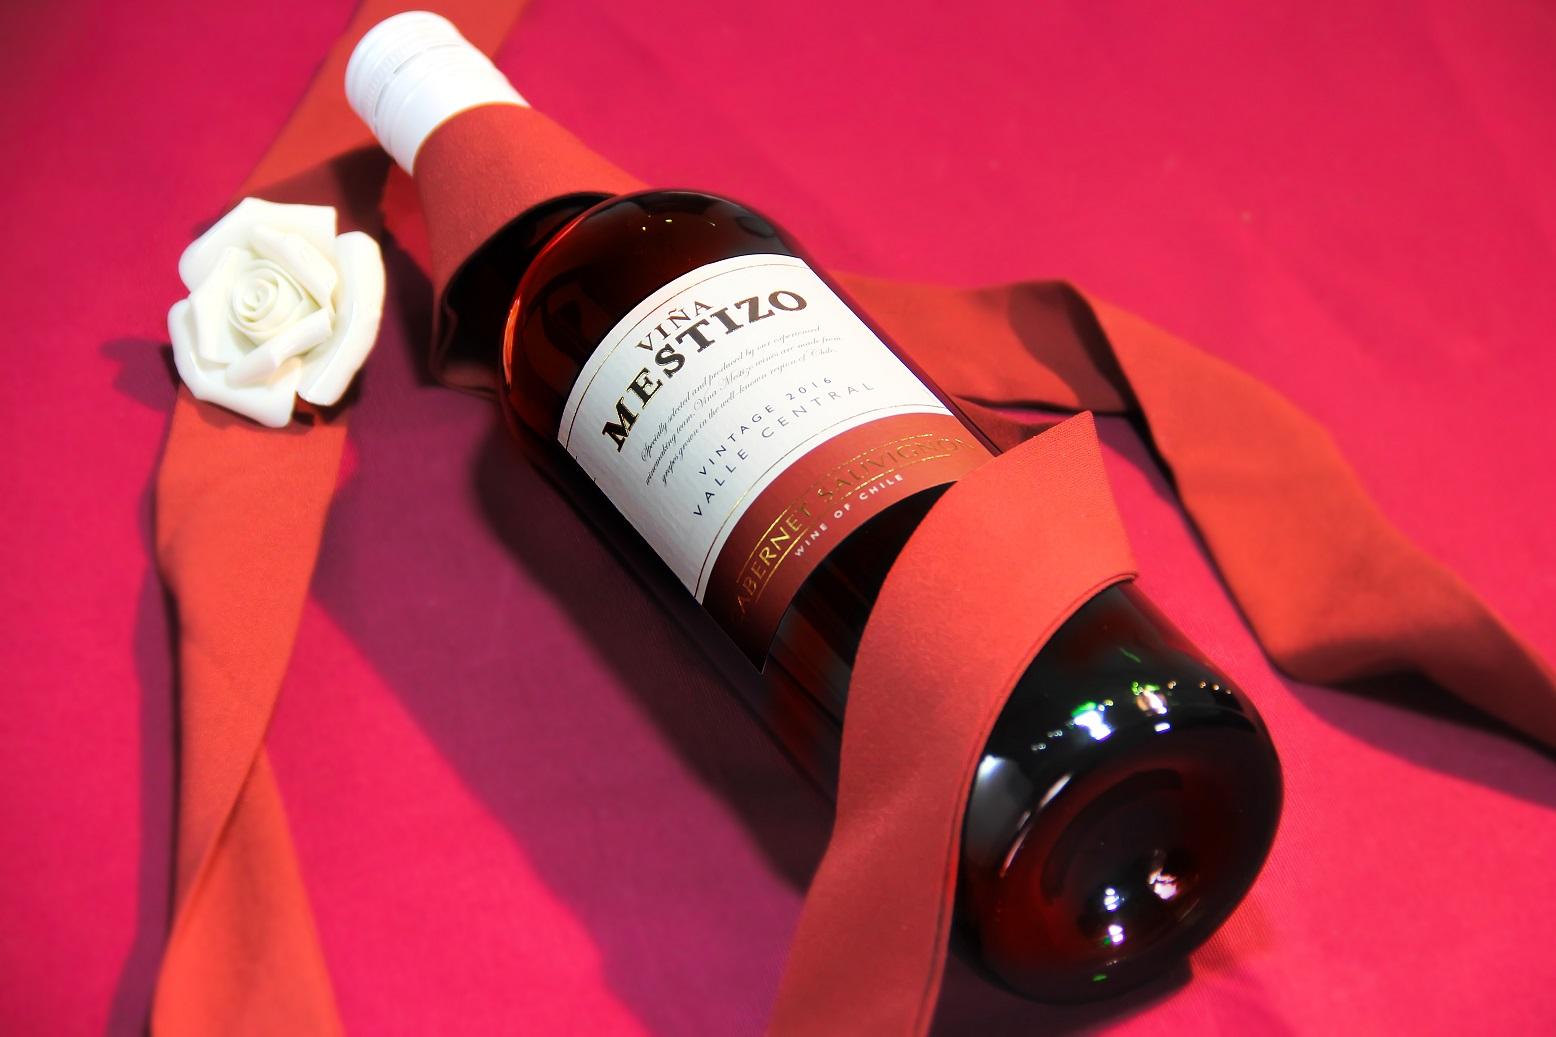 复活岛赤霞珠干红葡萄酒02-齐饮(CHEERS)进口葡萄酒店